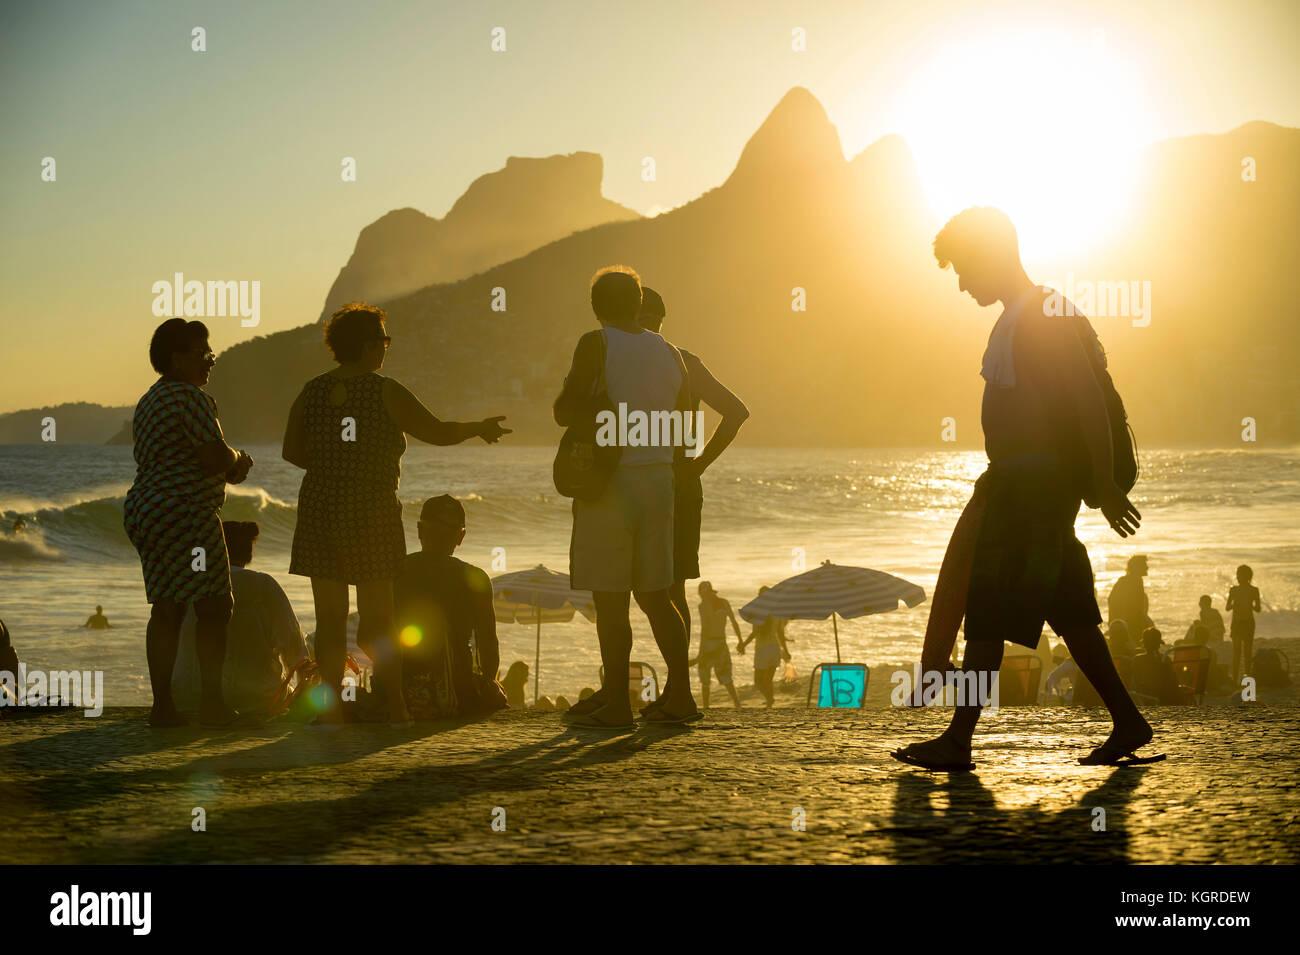 Rio de Janeiro - mars 20, 2017: les gens se rassemblent pour regarder le coucher du soleil à arpoador, Photo Stock